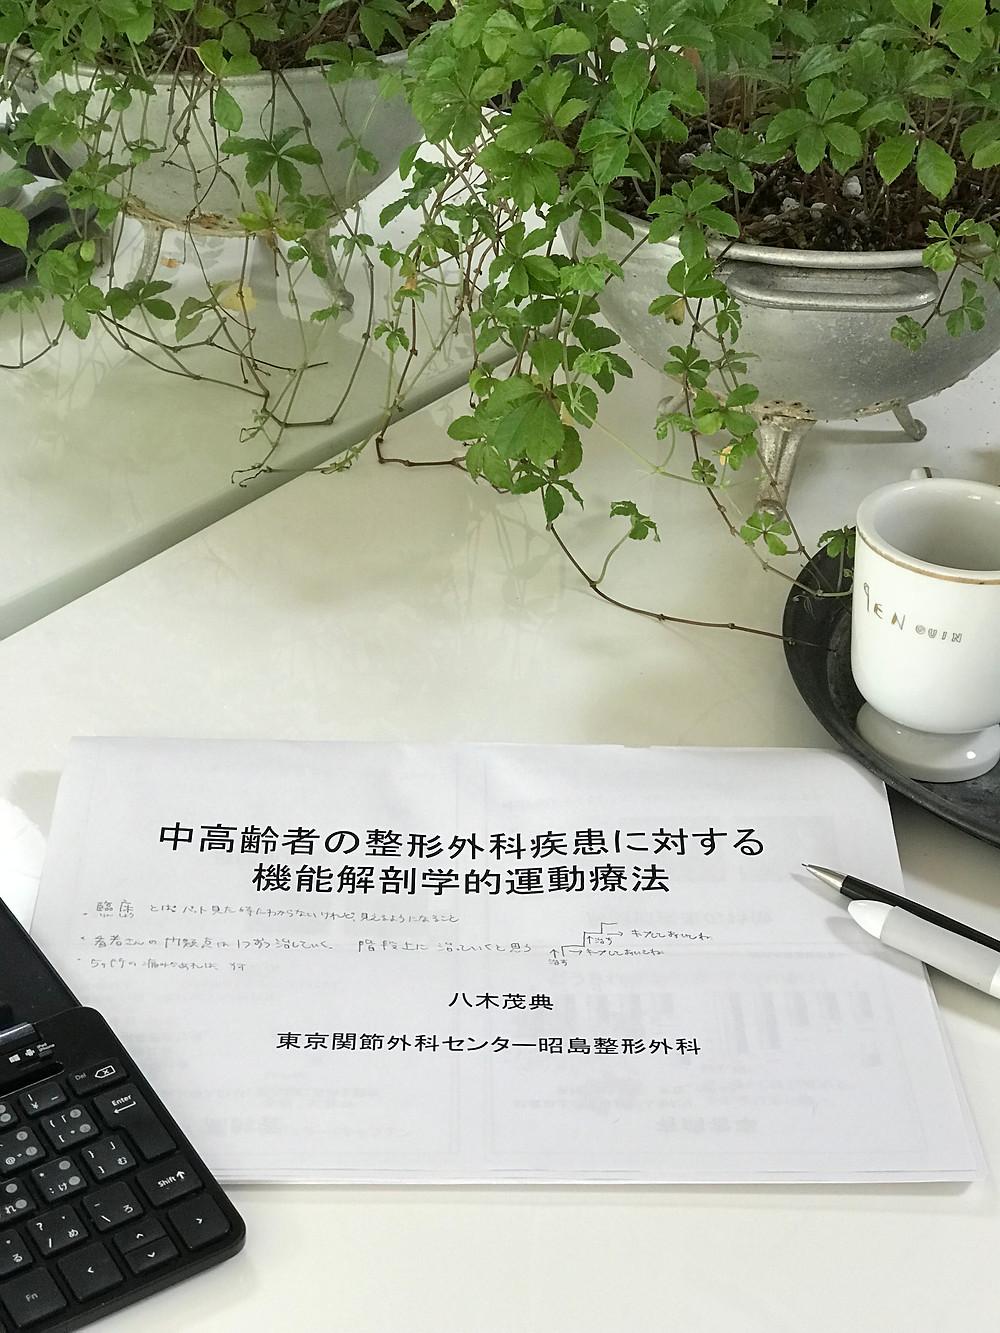 東京関節外科センター昭島整形外科の八木茂典先生セミナー